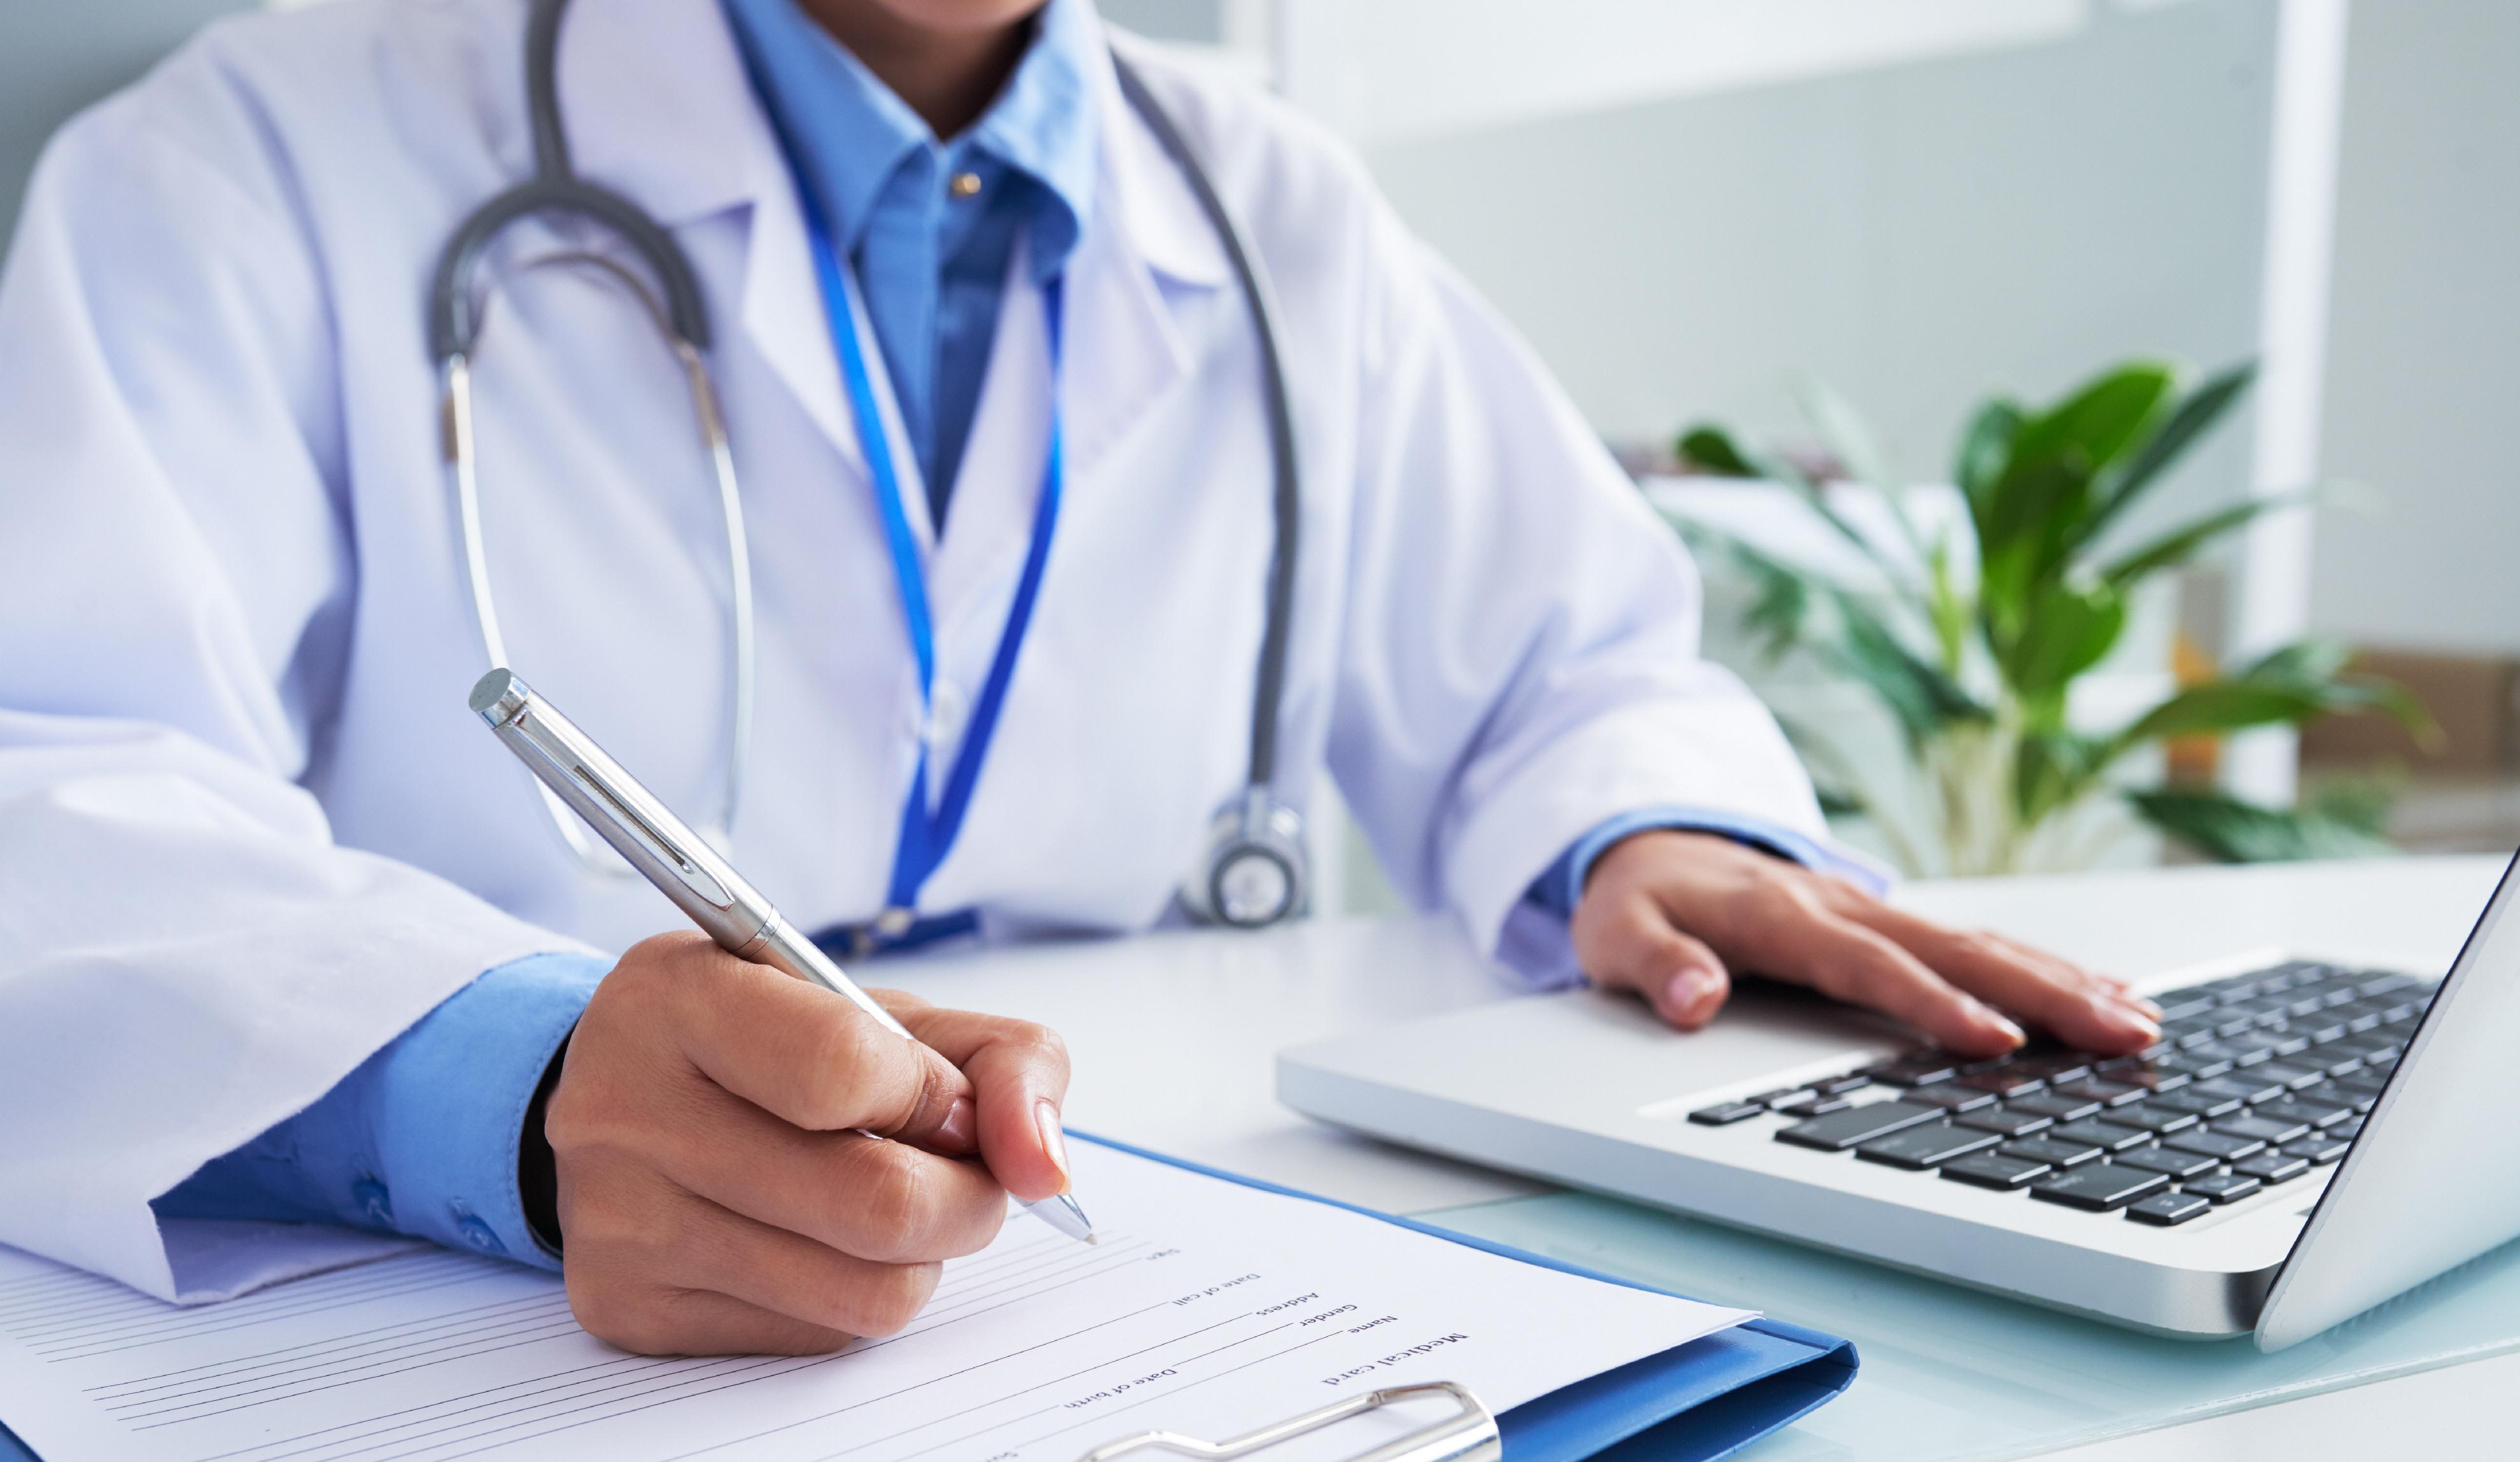 La telemedicina permite que los centros de salud ofrezcan más especialdades de atención